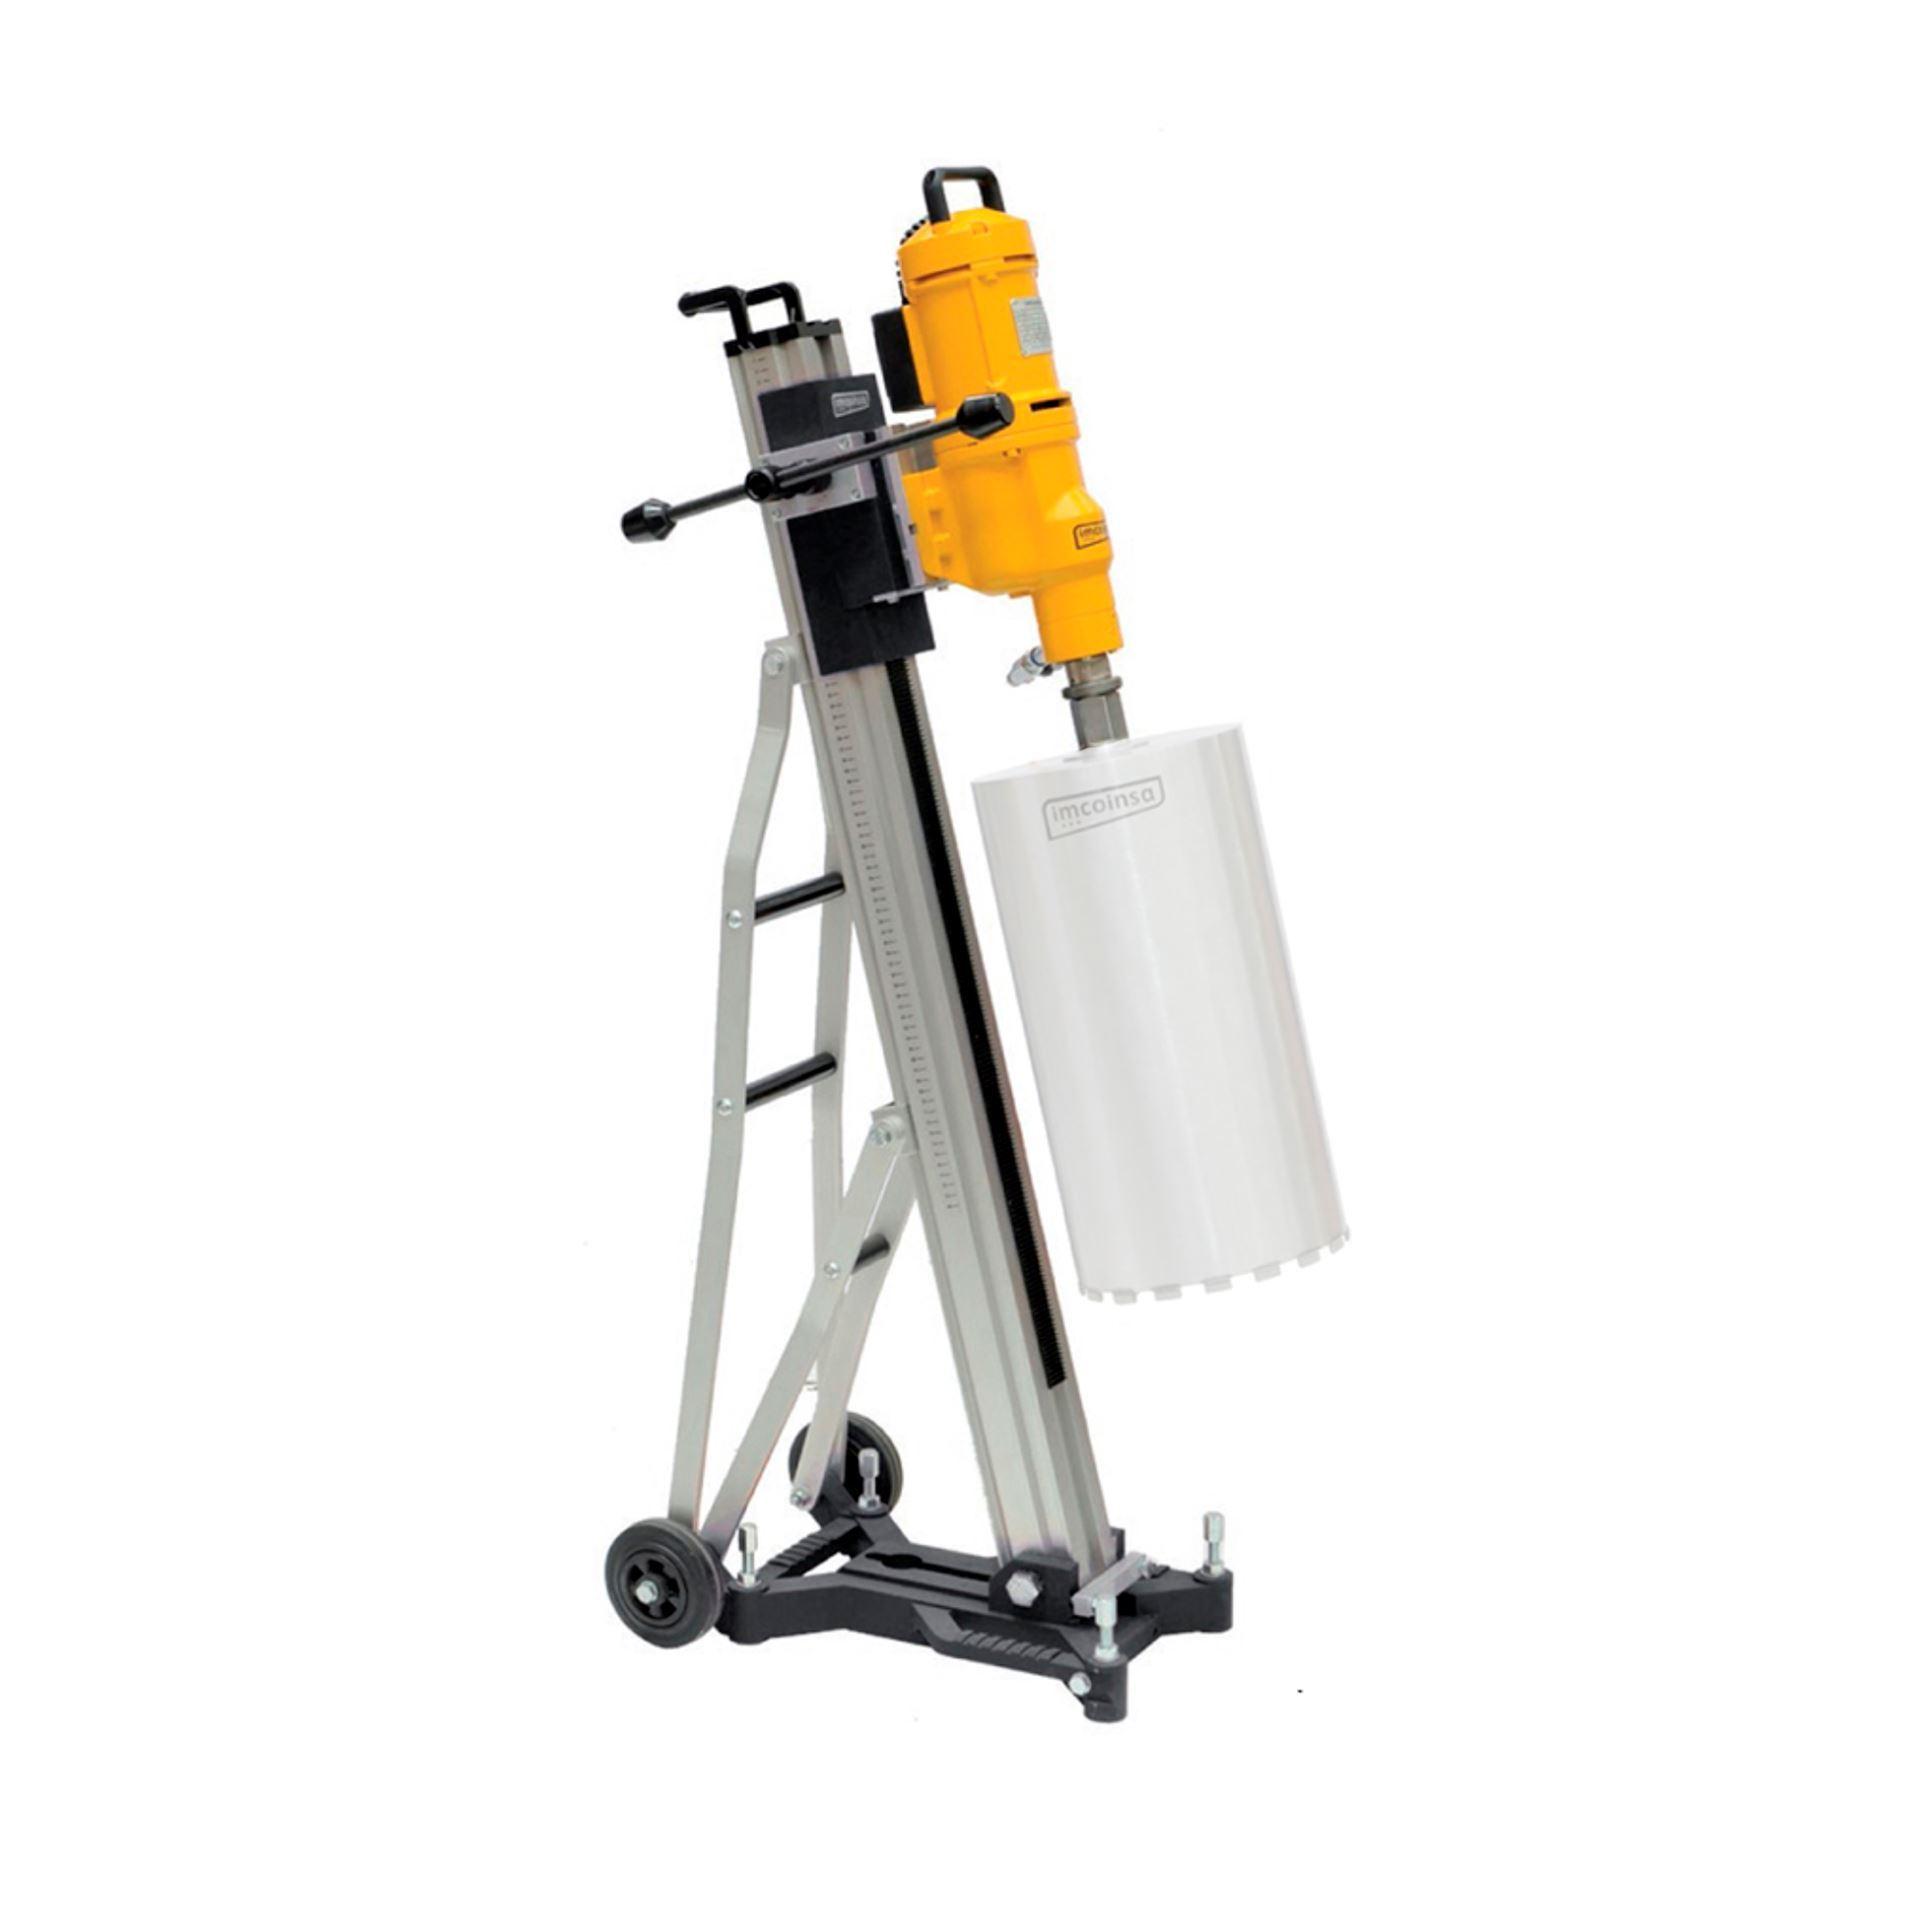 Imagen de Taladro perforación trifásico 3900W Ø 400 mm con soporte Imcoinsa